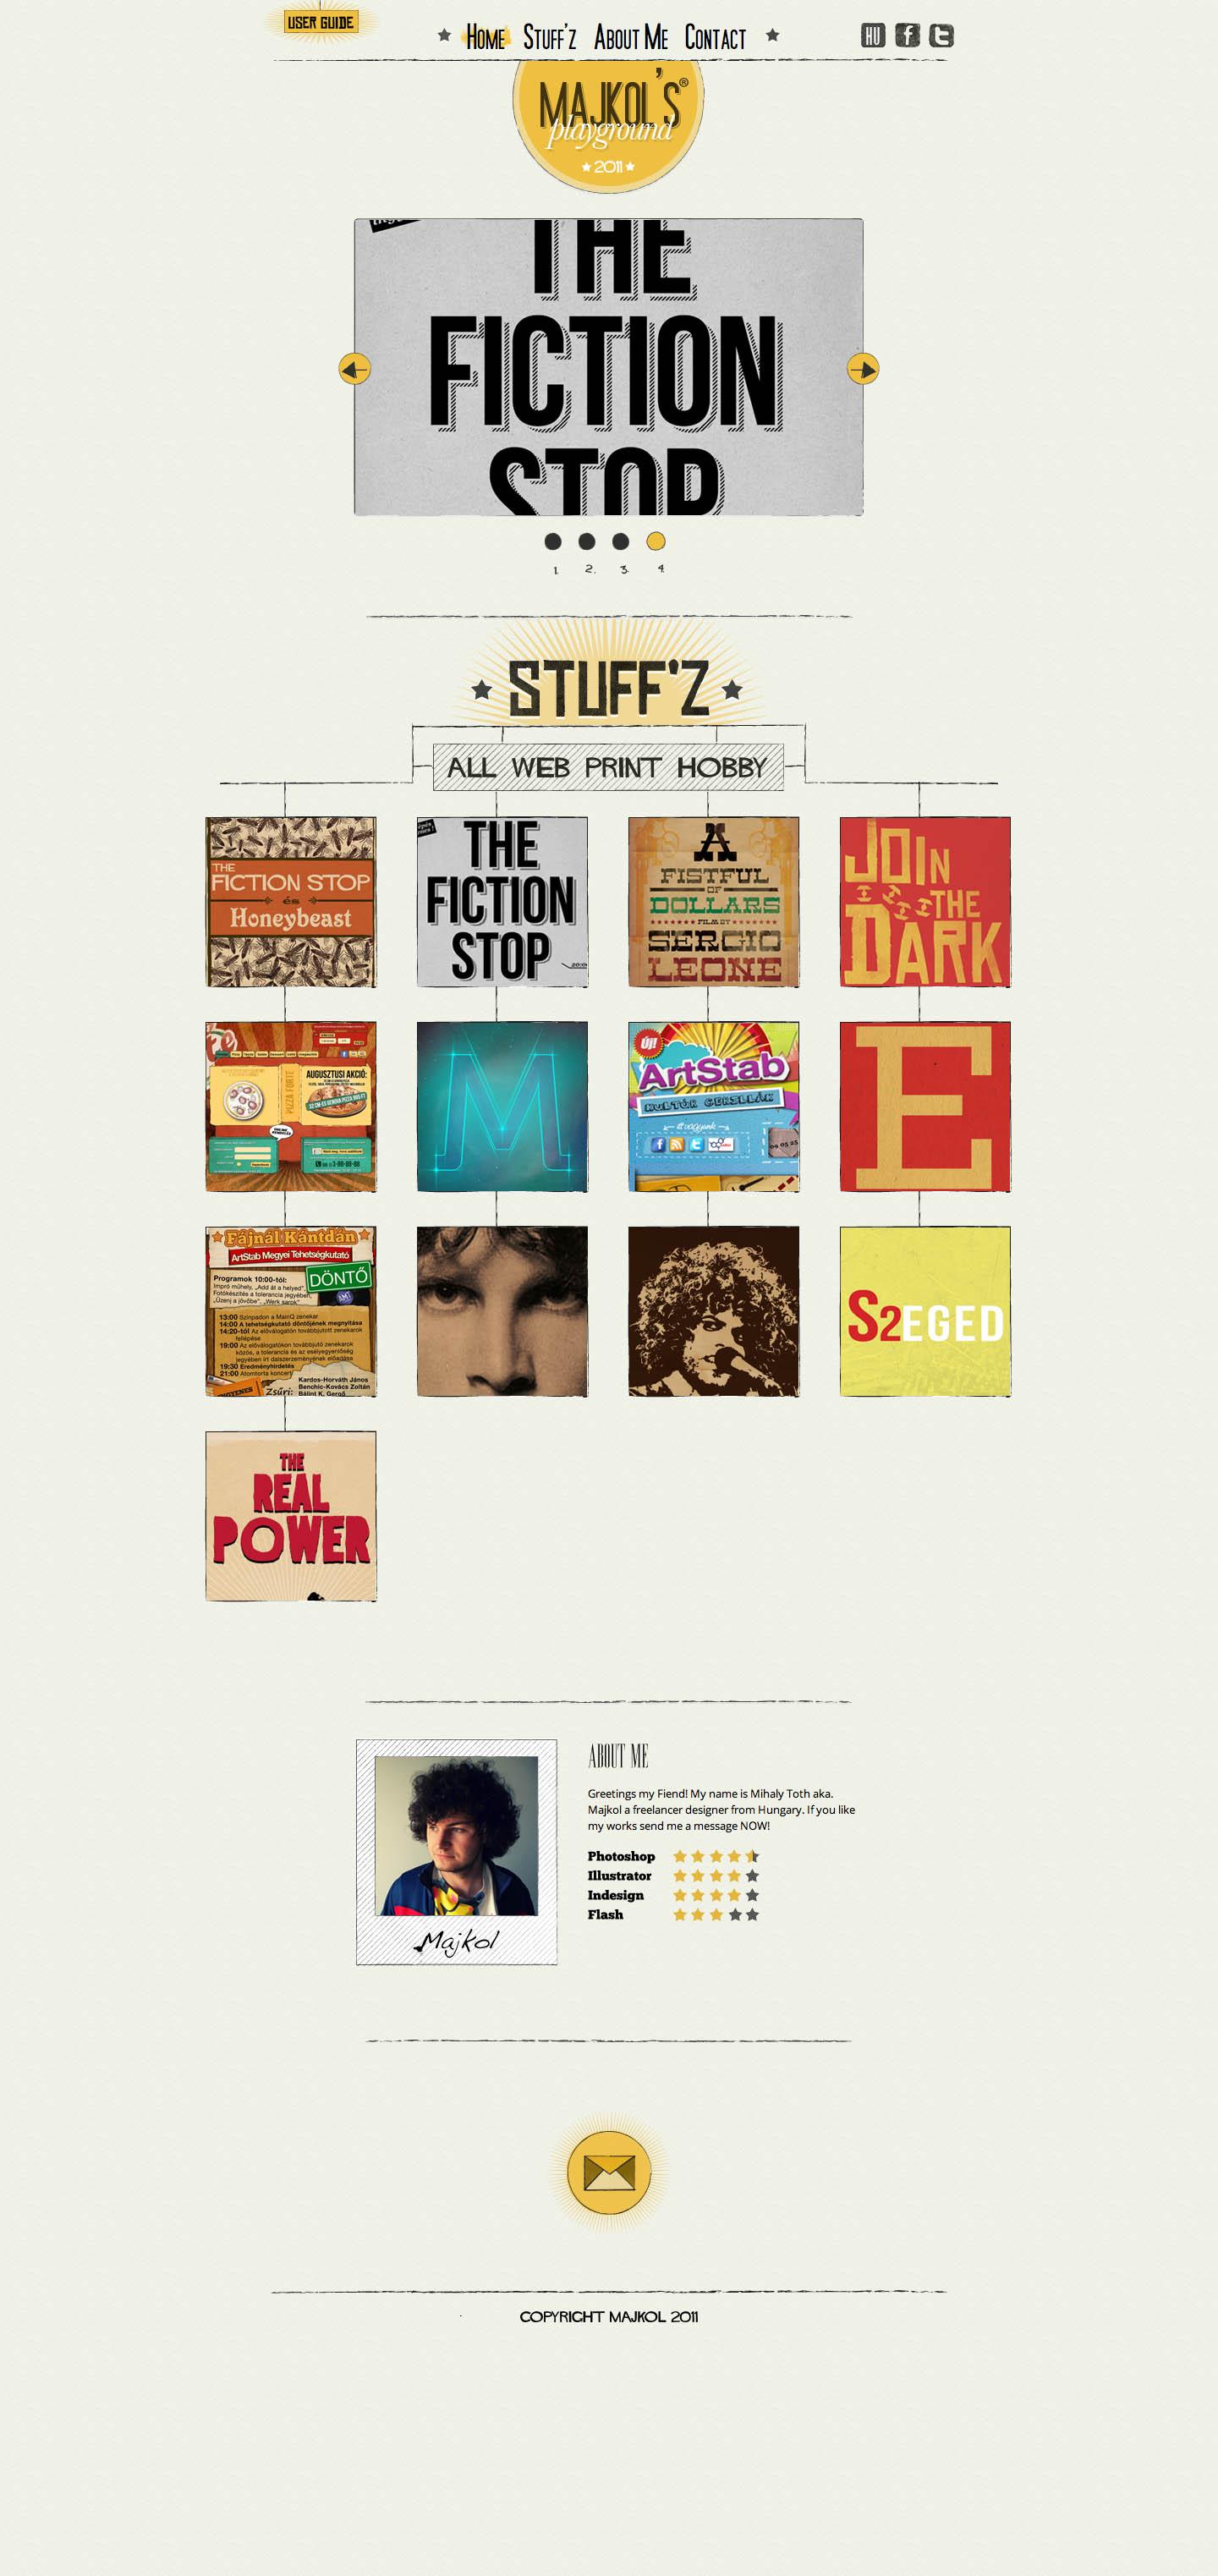 Majkol's Site Website Screenshot